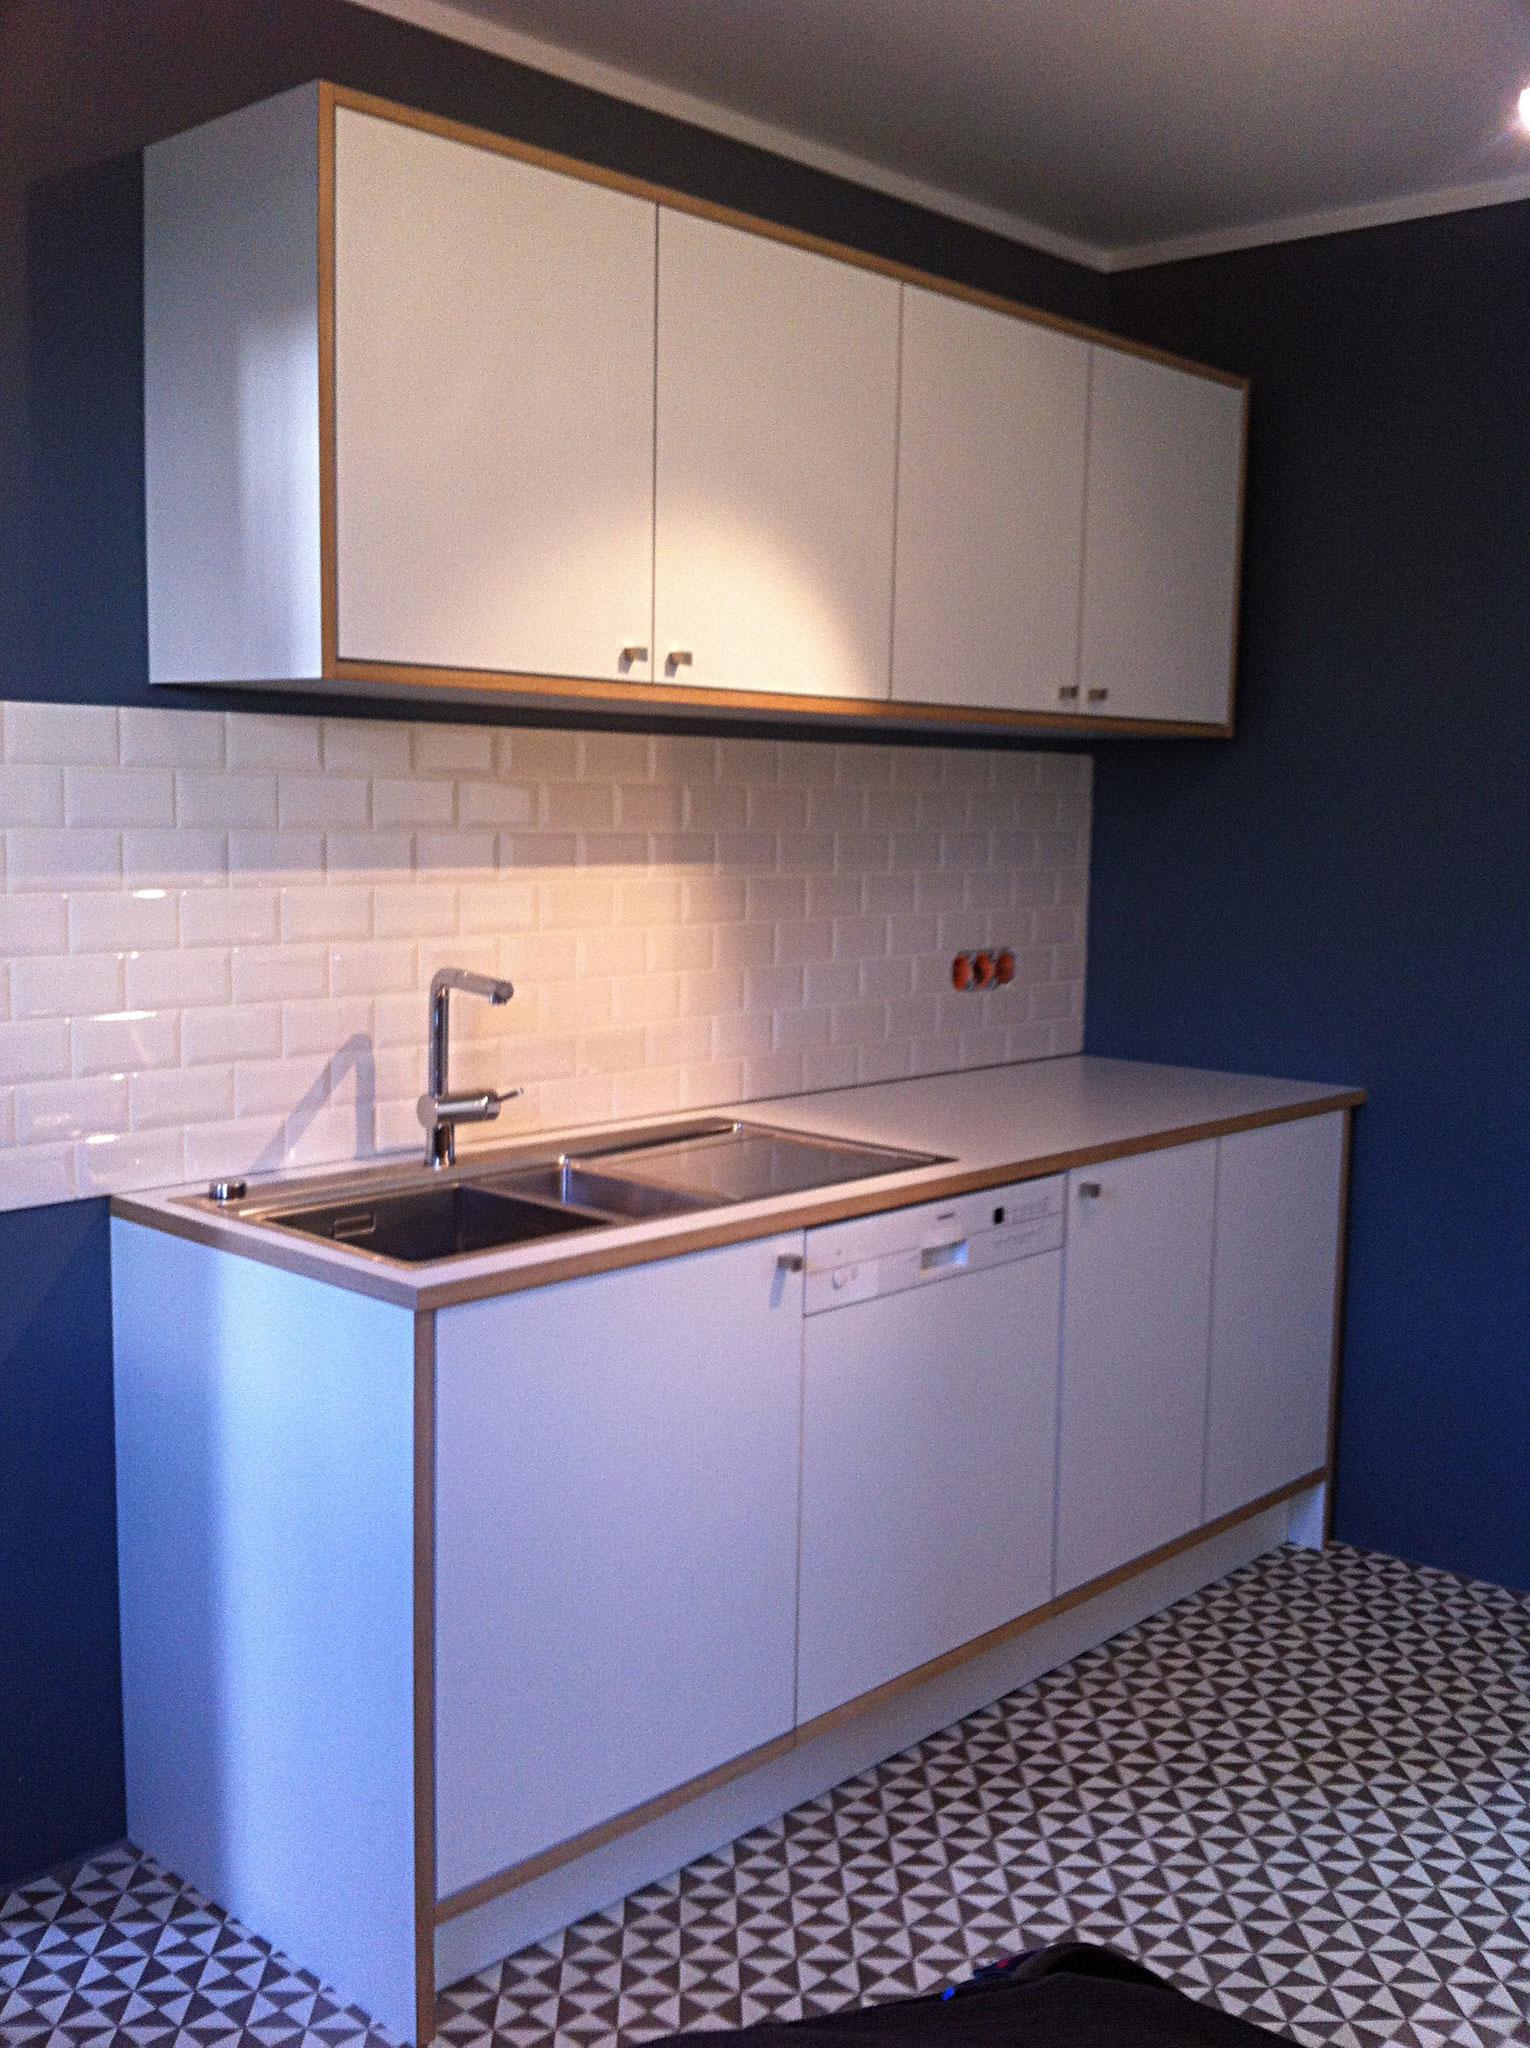 Küchenzeile und Hängeschränke mit einer Oberfläche aus HPL (bekannt von Küchenarbeitplatten) mit Kanten aus Eiche